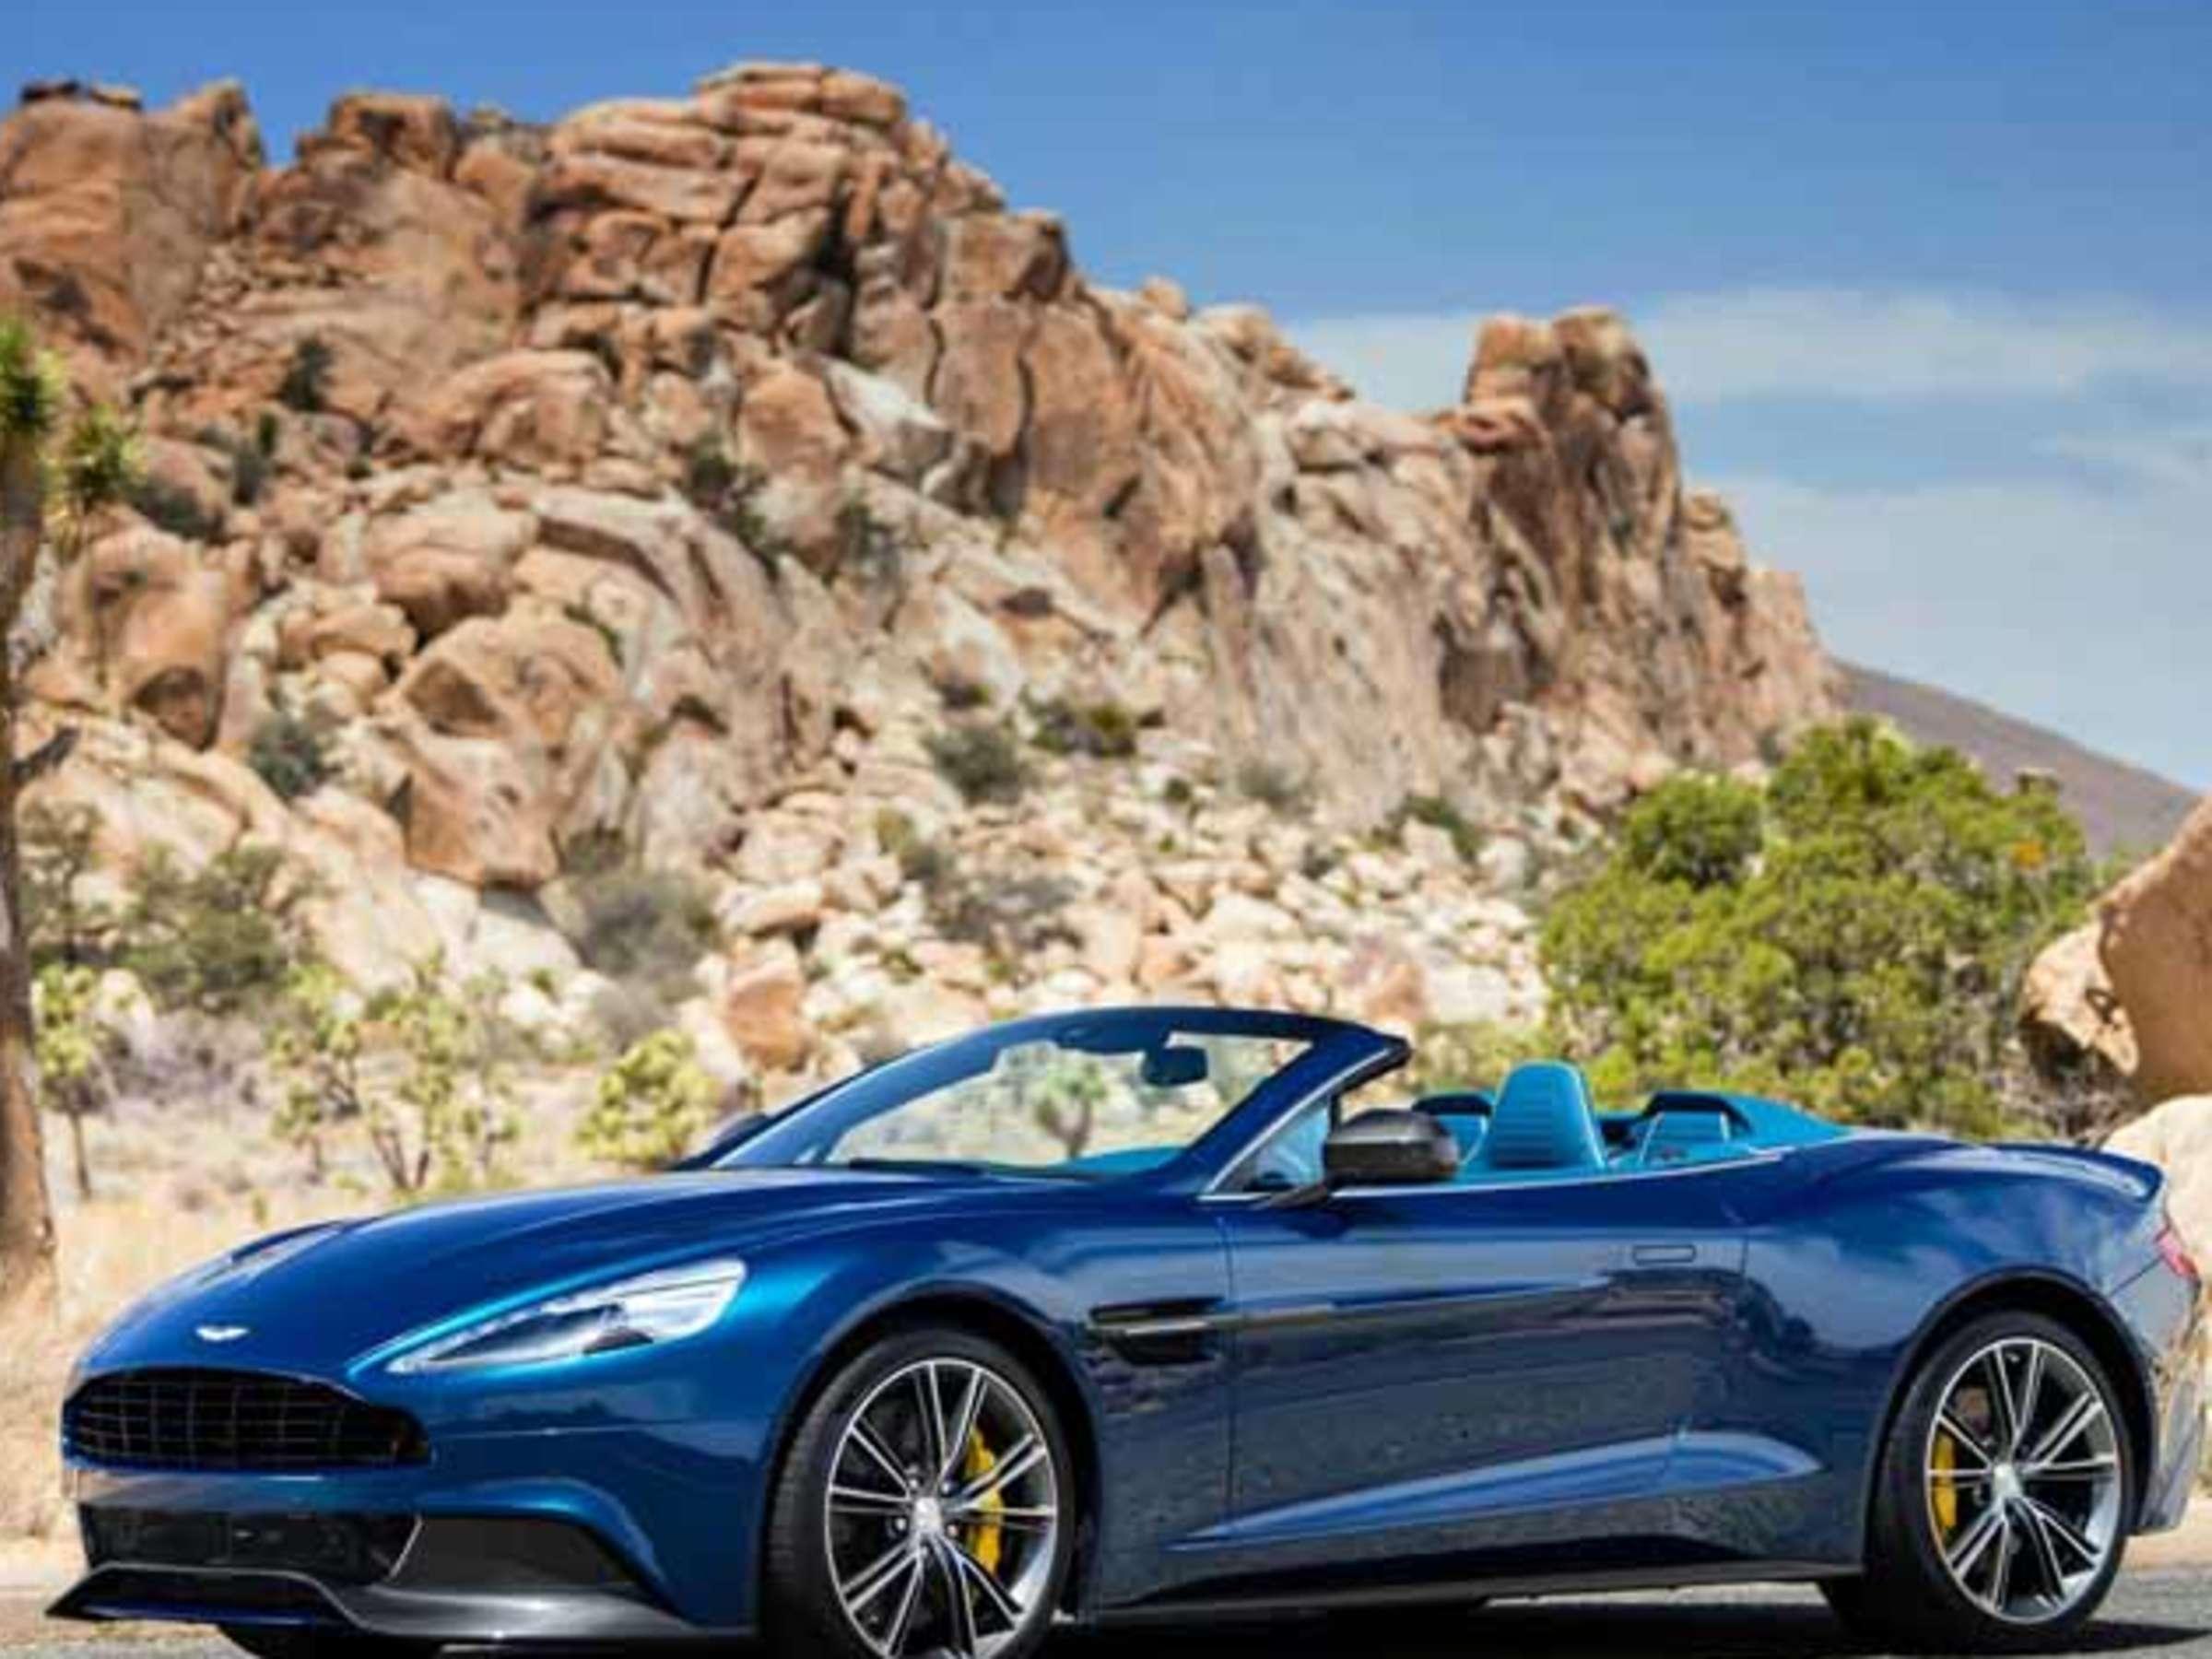 Aston Martin Vanquish Volante 573 Ps Luxus Supersportler Endlich Mit Faltdach Auto